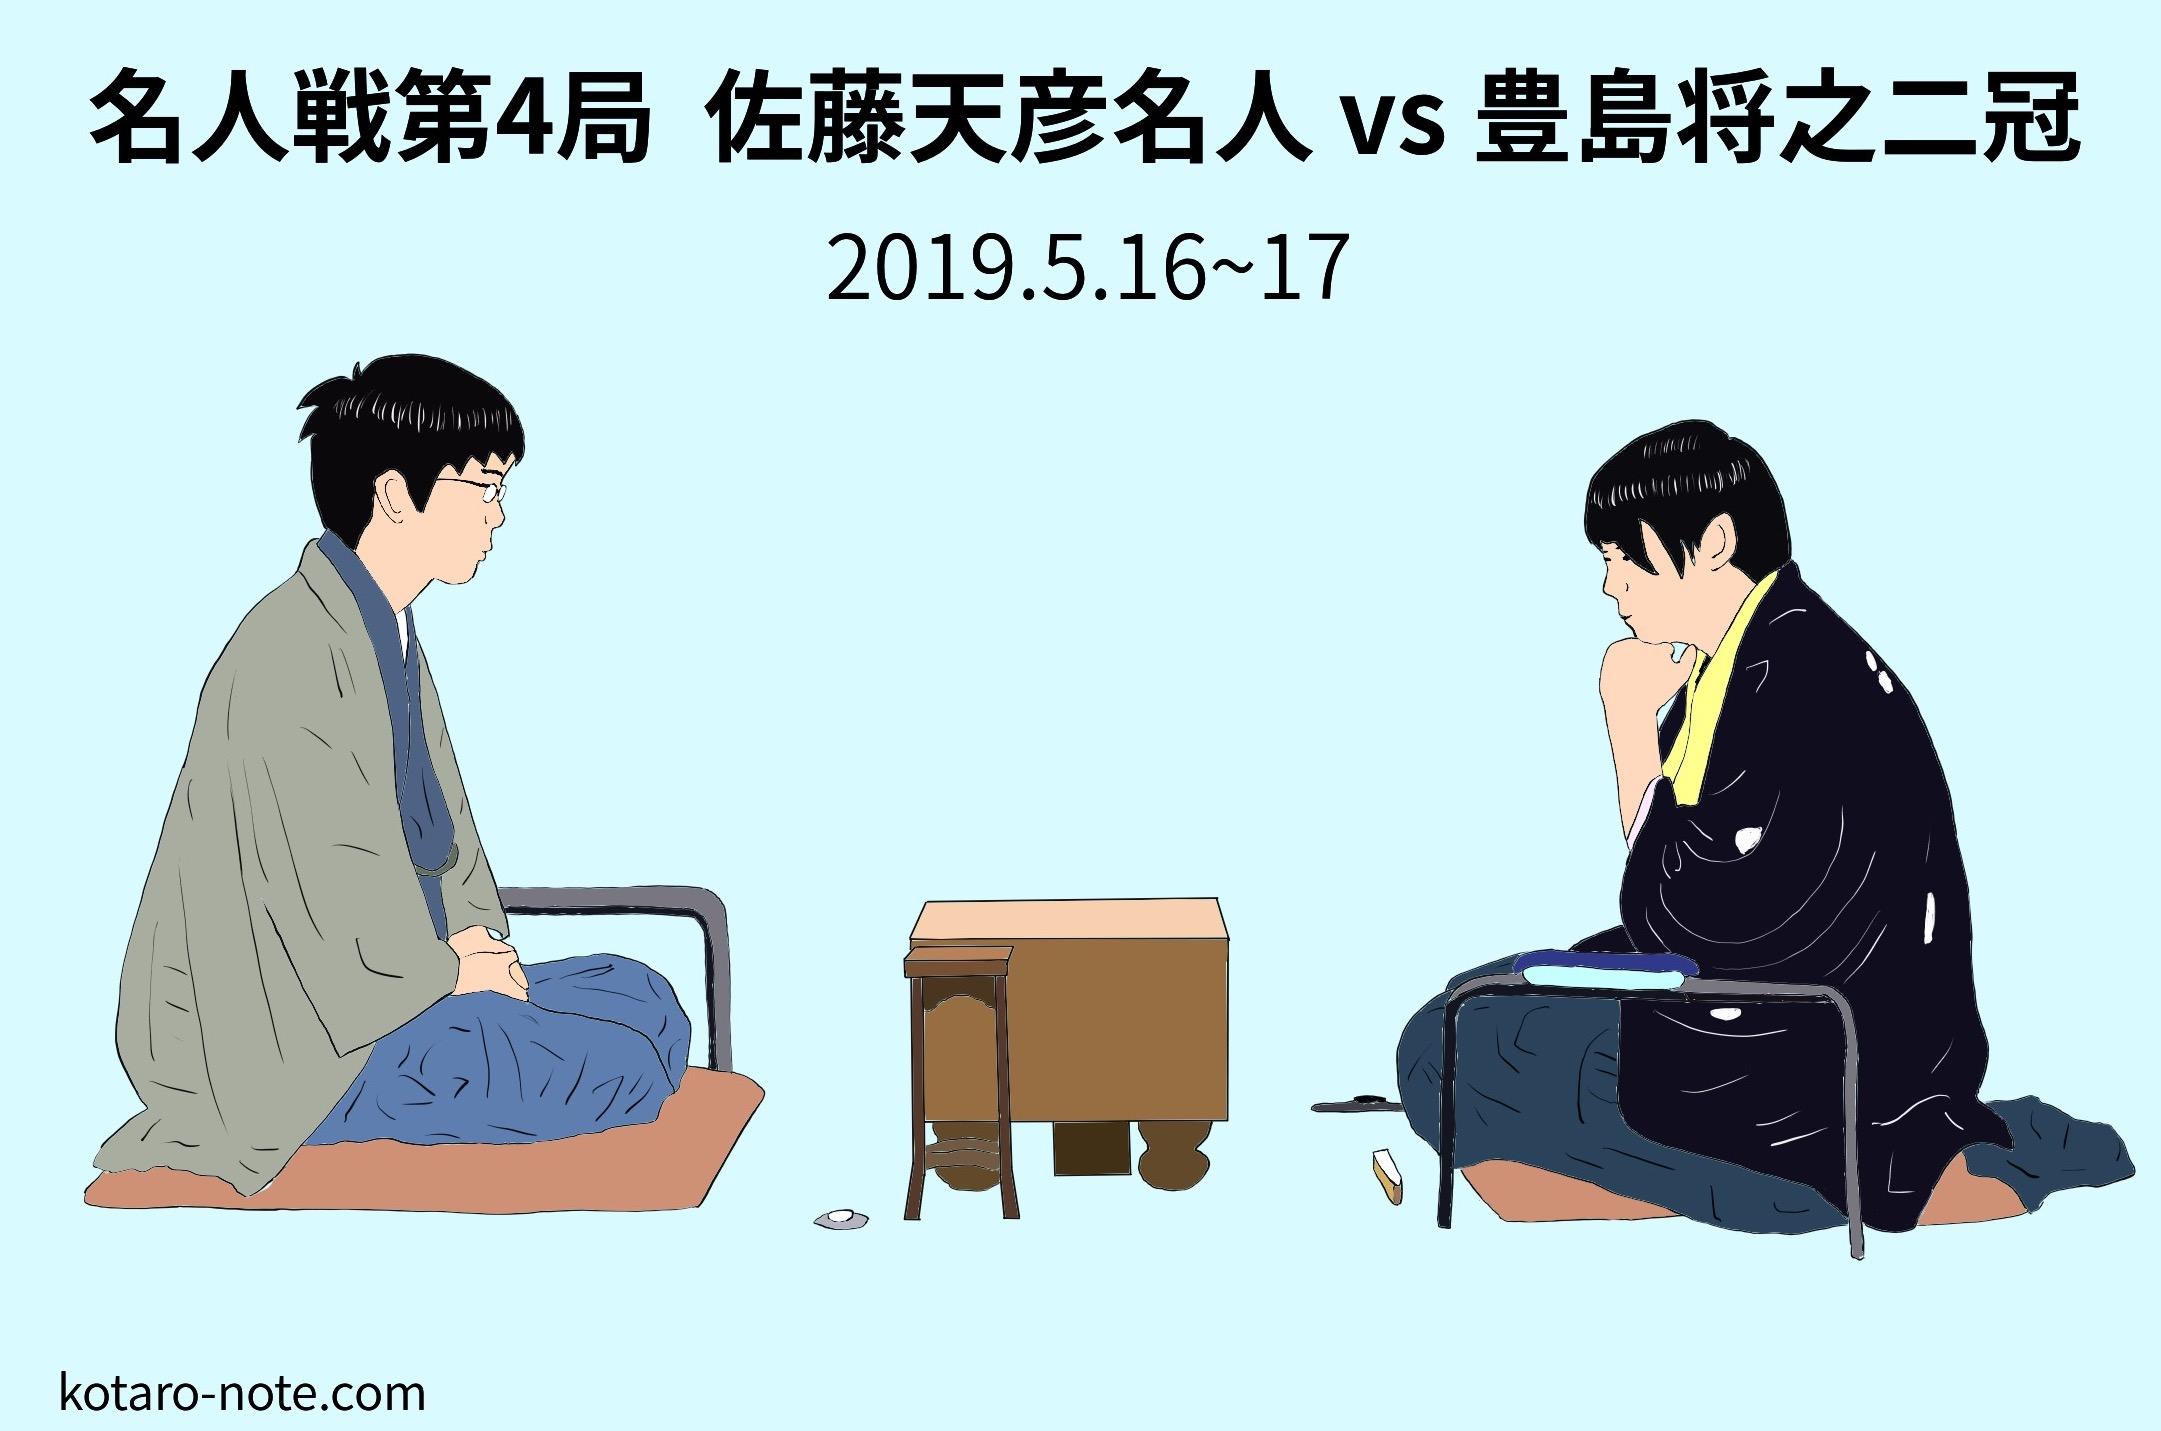 佐藤天彦名人vs豊島将之二冠、名人戦第4局